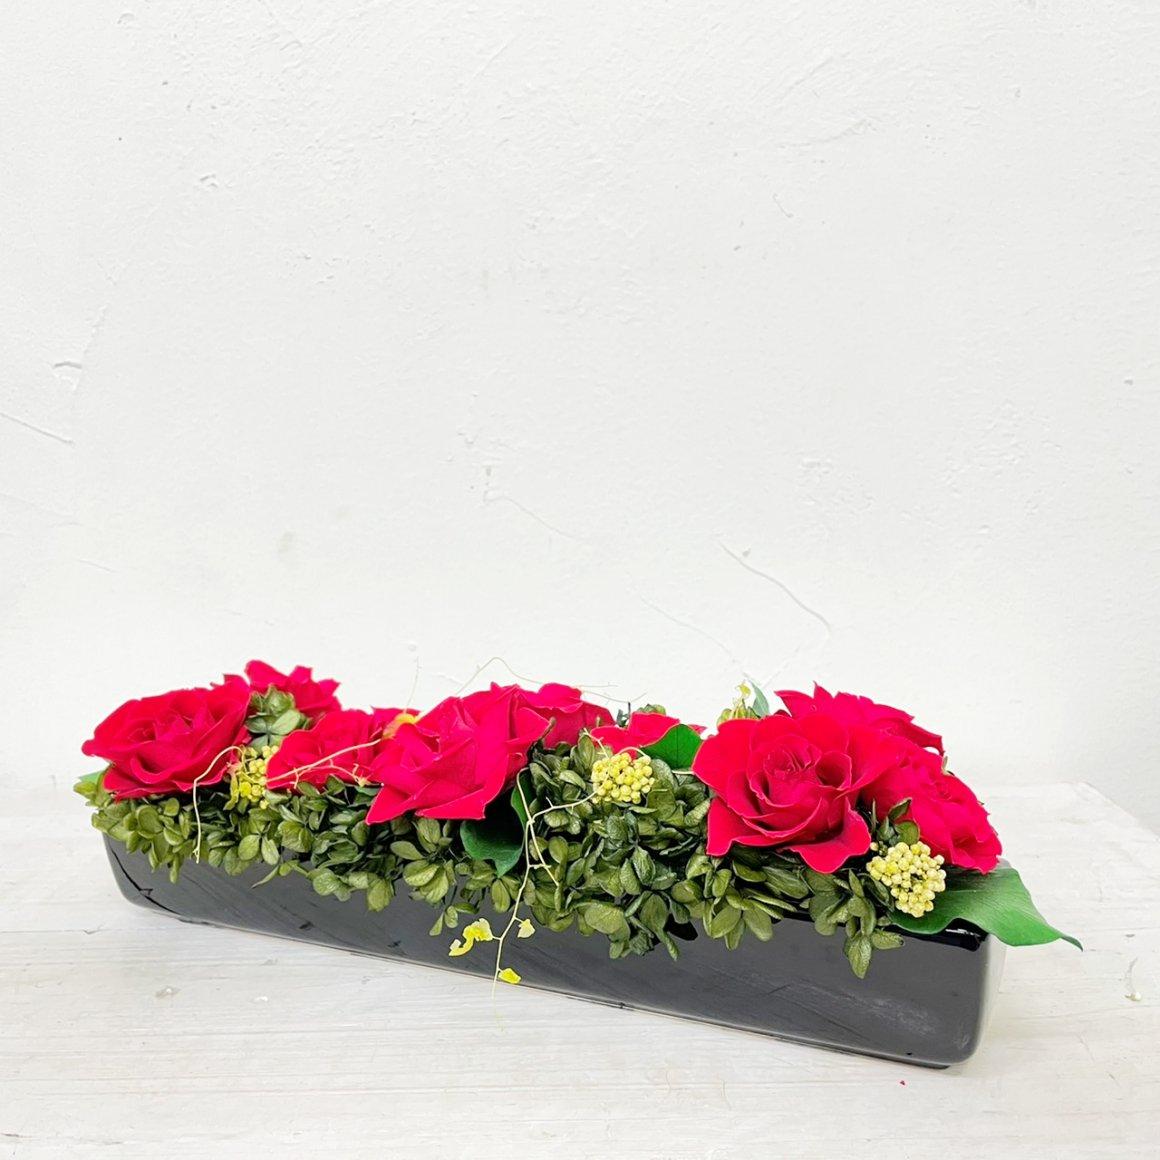 赤いプリザーブドフラワー テーブルフラワーアレンジメント ノーク(レッド) ※ギフトタイプ3